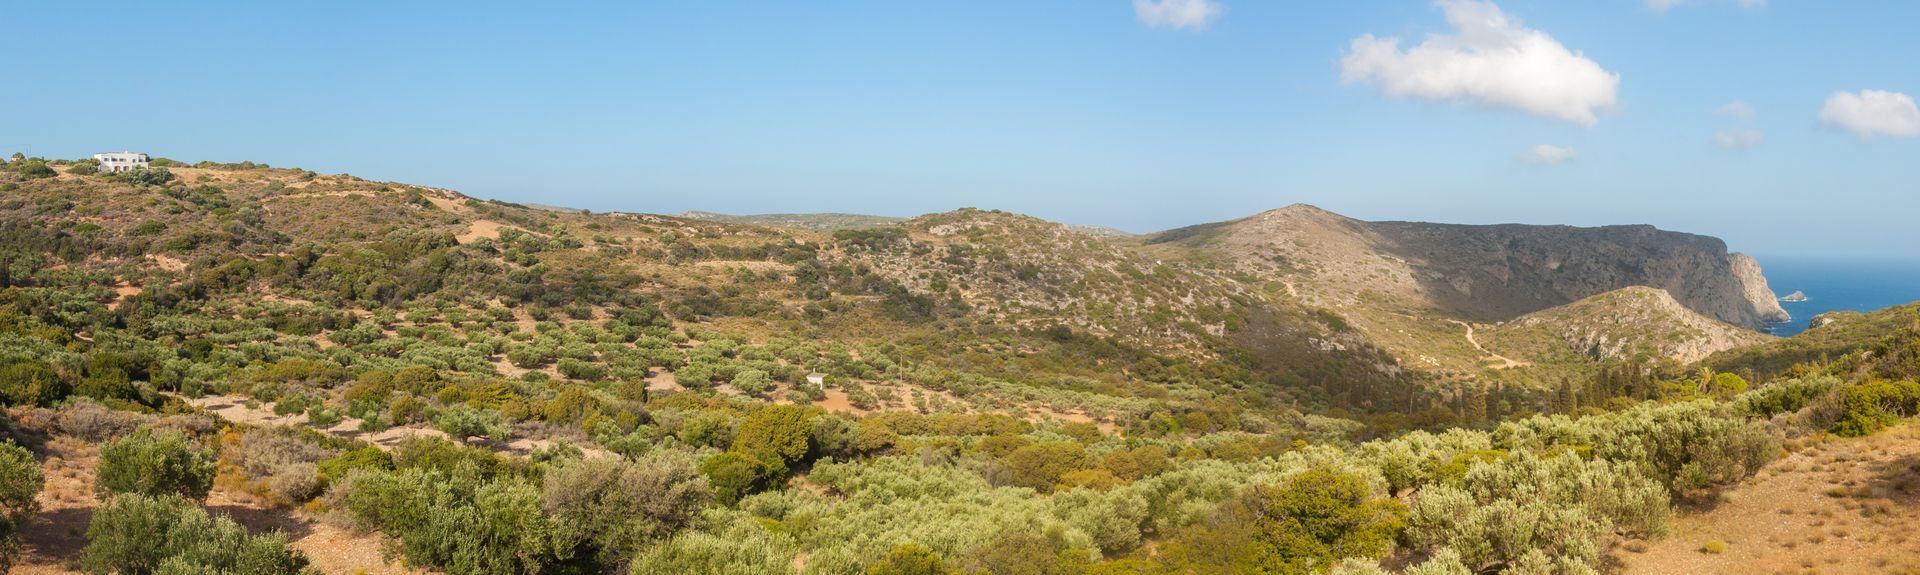 Κύθηρα, Πόλη των Κυθήρων, Ελλάδα